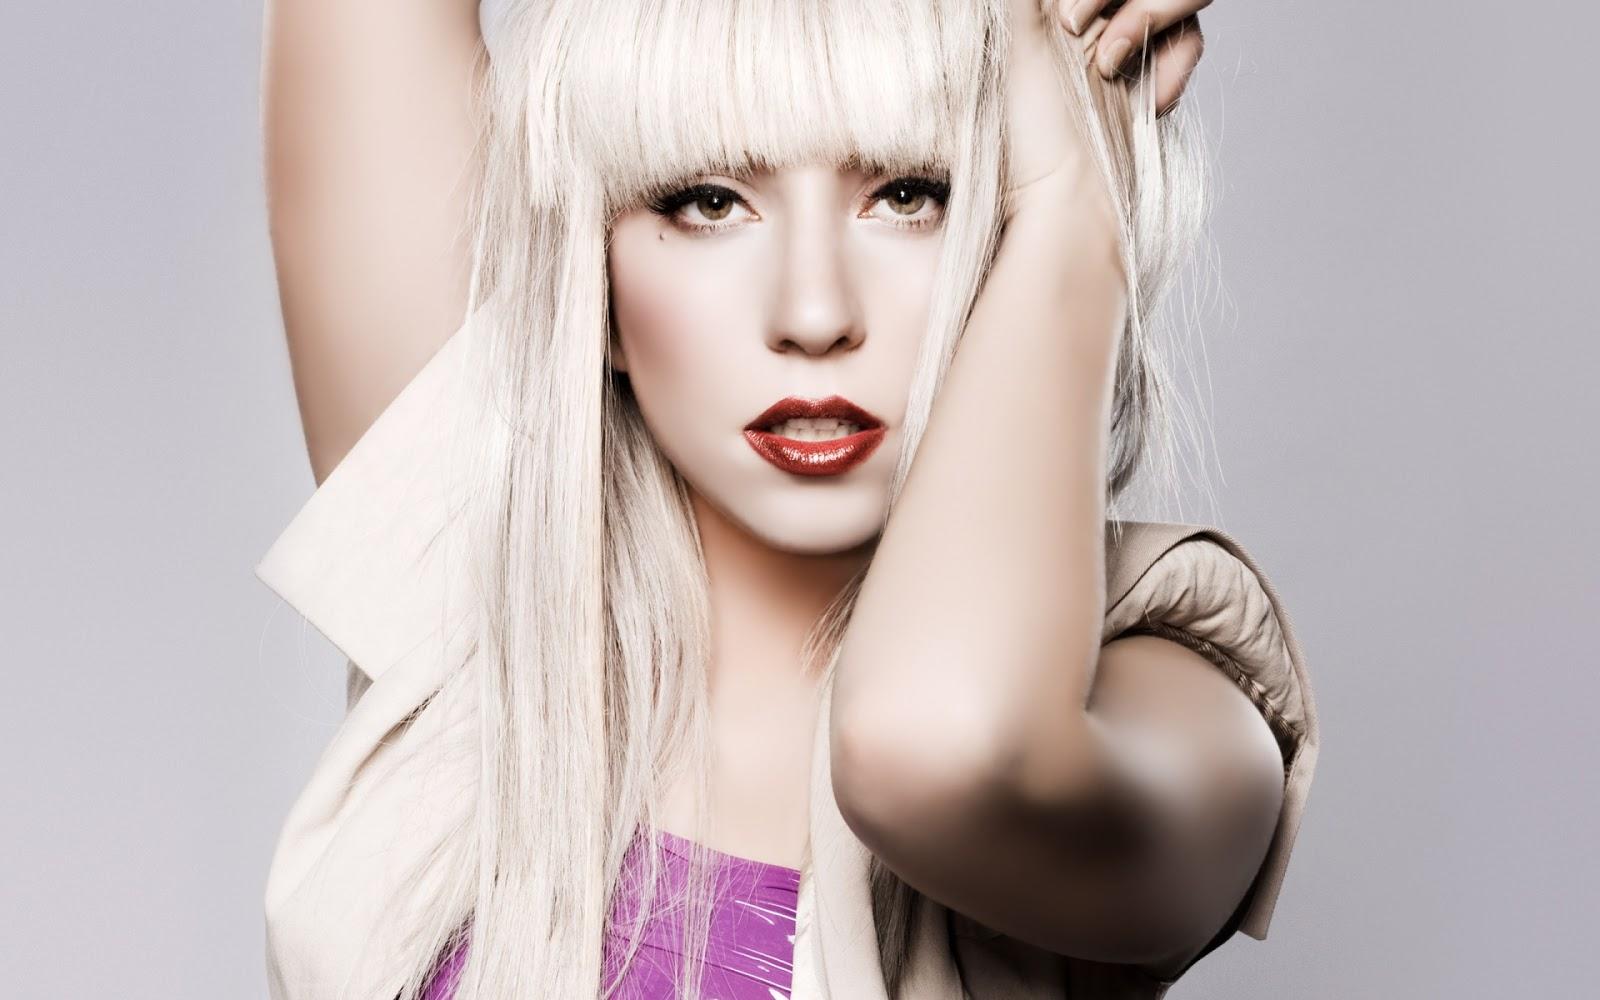 Lady Gaga dice que fue violada cuando tenía 19 años